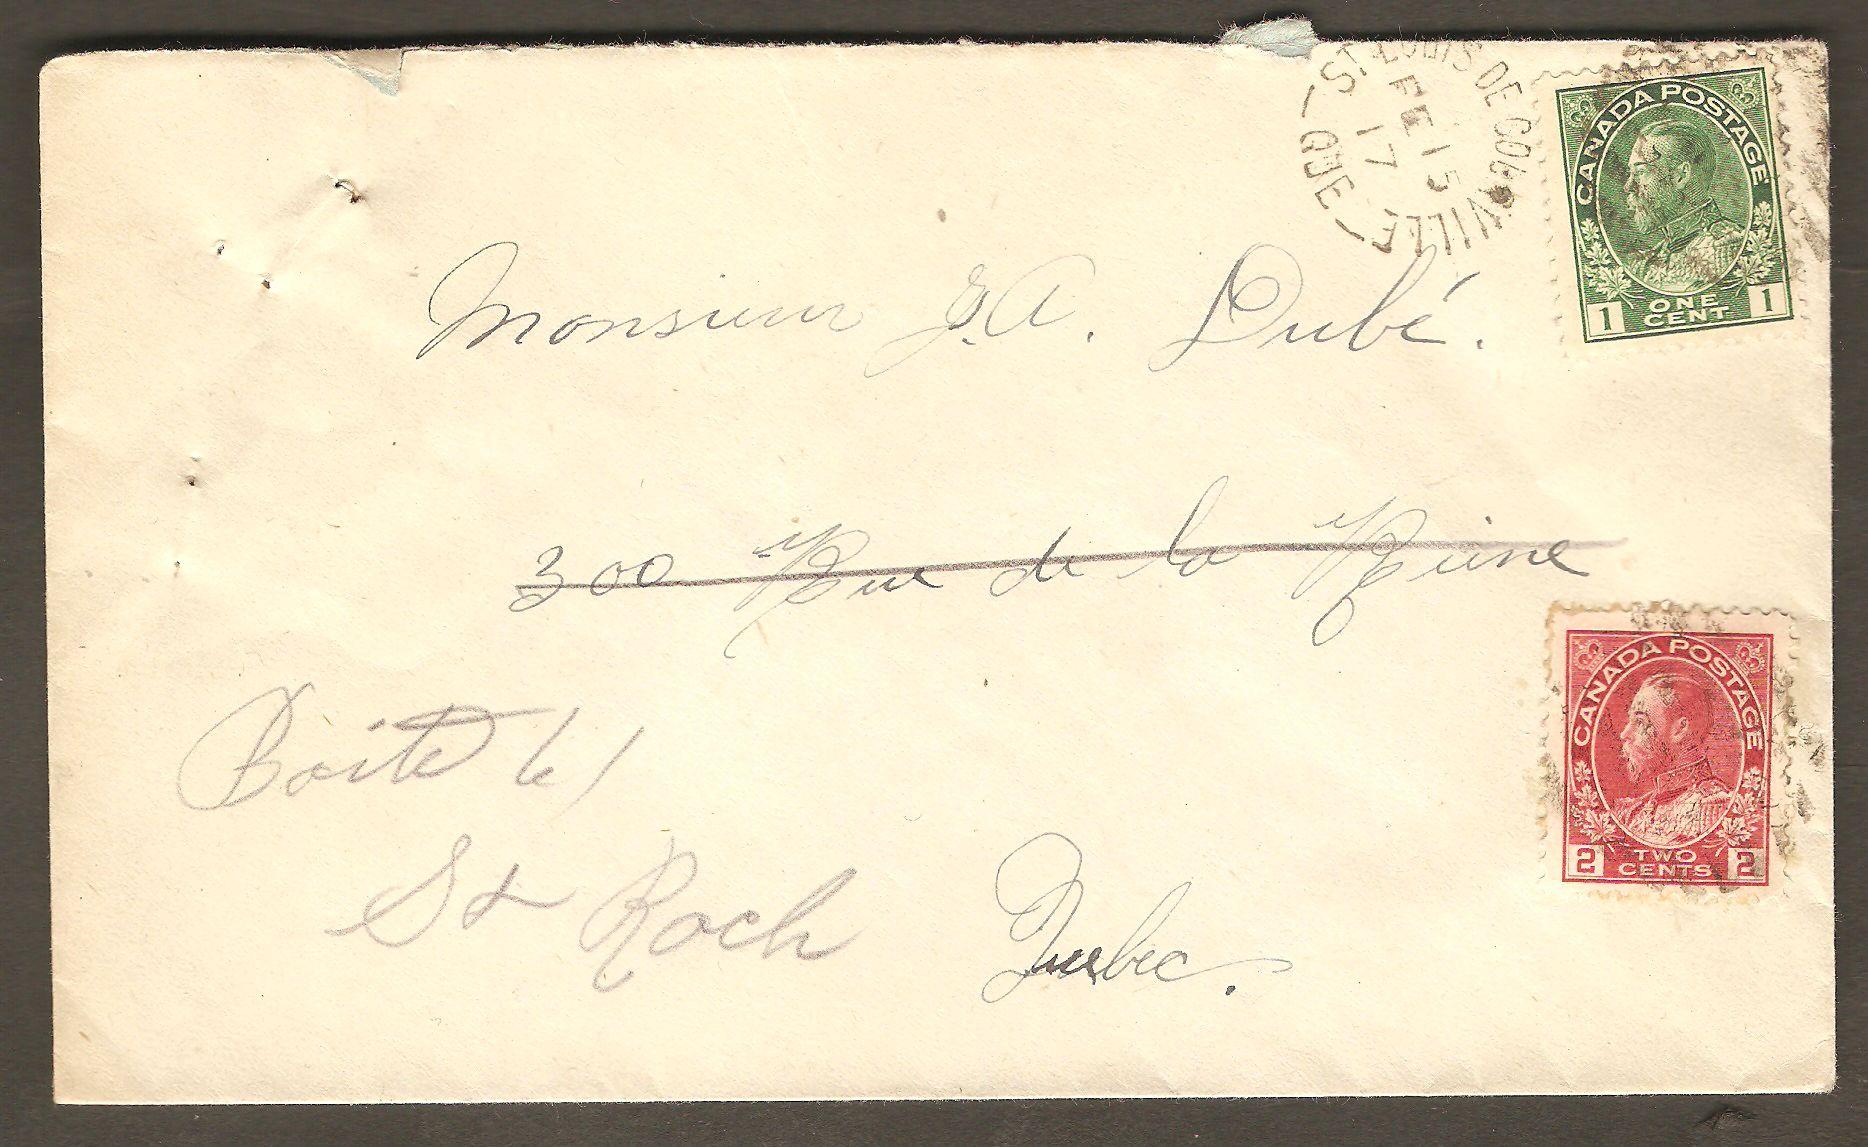 Lettre postée de Courville le 15 février 1917, soit au cours de la Première Guerre mondiale. Son affranchissement se compose de deux timbres de type « Amiral », du roi Georges V. Le  premier, un timbre vert, à 1¢, sert d'affranchissement. Le second, rouge et ayant une valeur de 2¢, sert à payer la taxe de guerre, alors obligatoire.